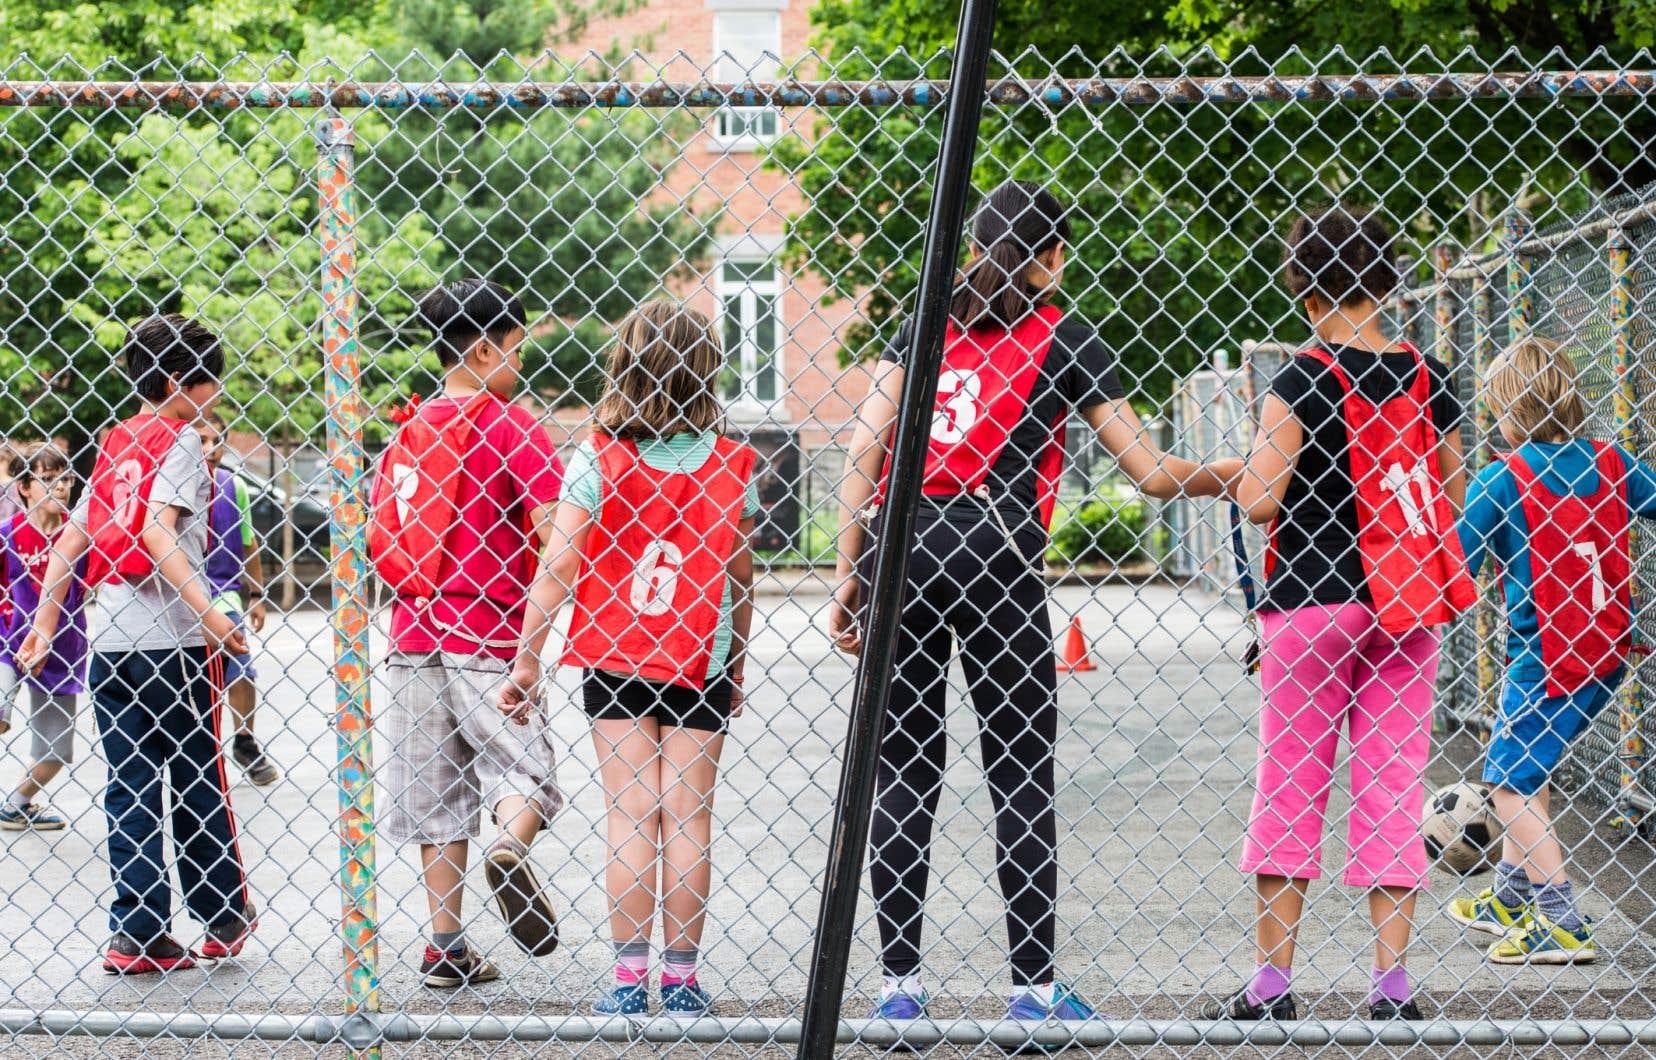 Le Parti libéral du Québec s'engage à investir 8millions pour instaurer la pratique d'activités physiques dans les écoles, précisent les auteurs.